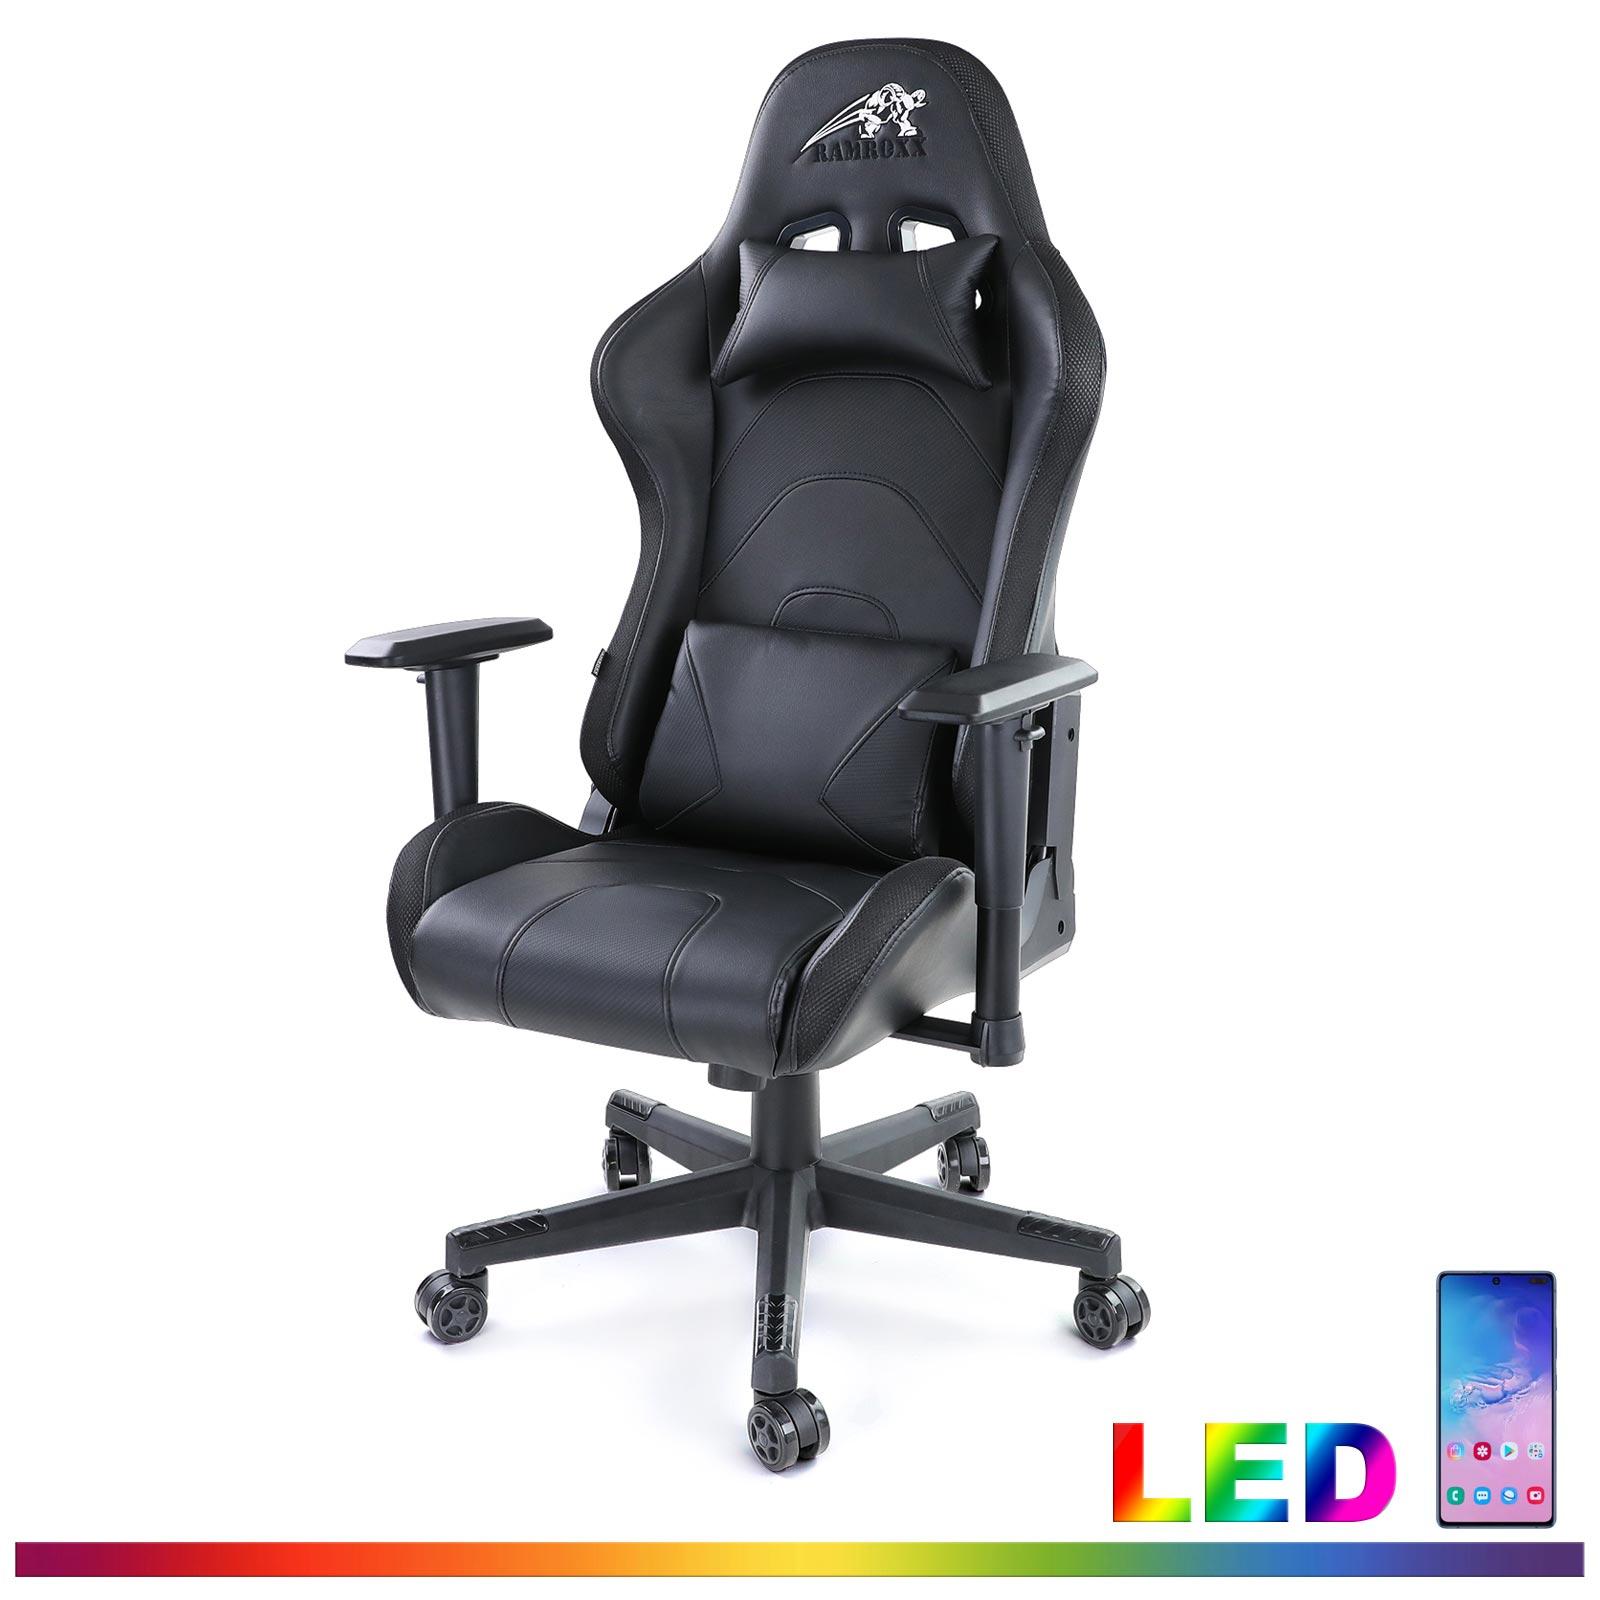 Gamingstuhl Esport Chefsessel Stuhl Schreibtisch Sportsitz Mit Led Beleuchtung Ebay